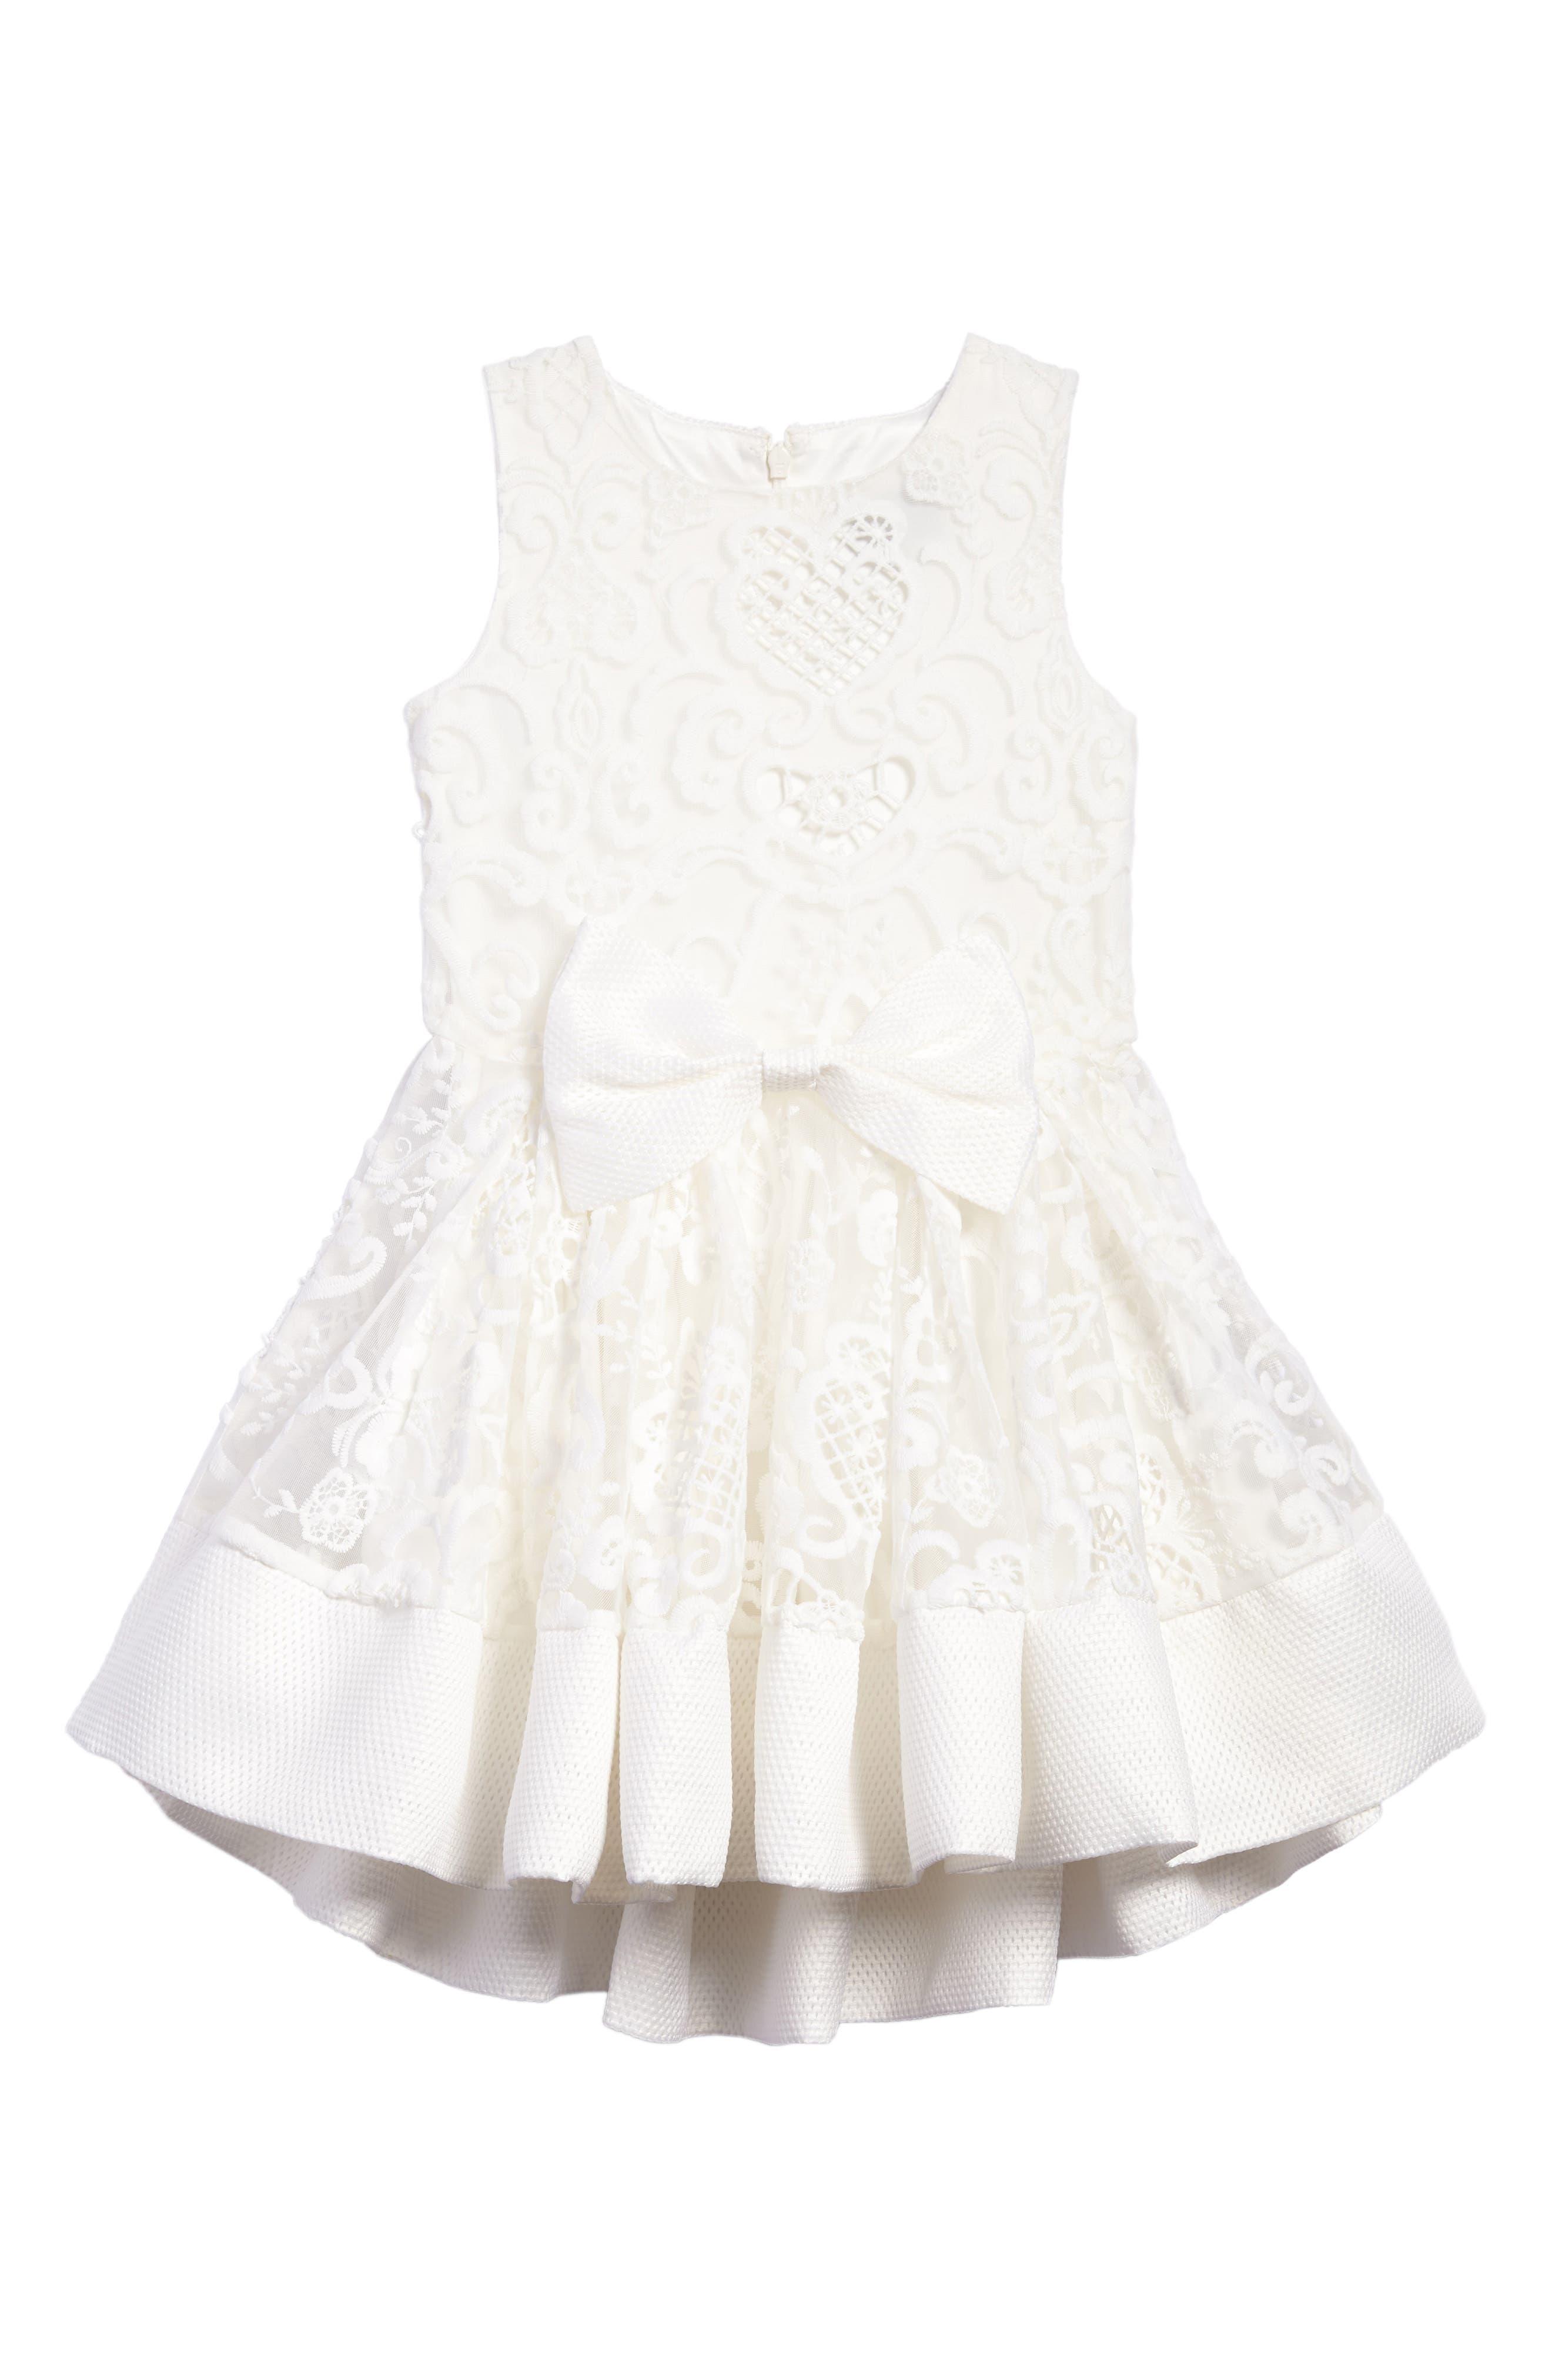 Alternate Image 1 Selected - Bardot Junior Ava Starlet Dress (Little Girls)